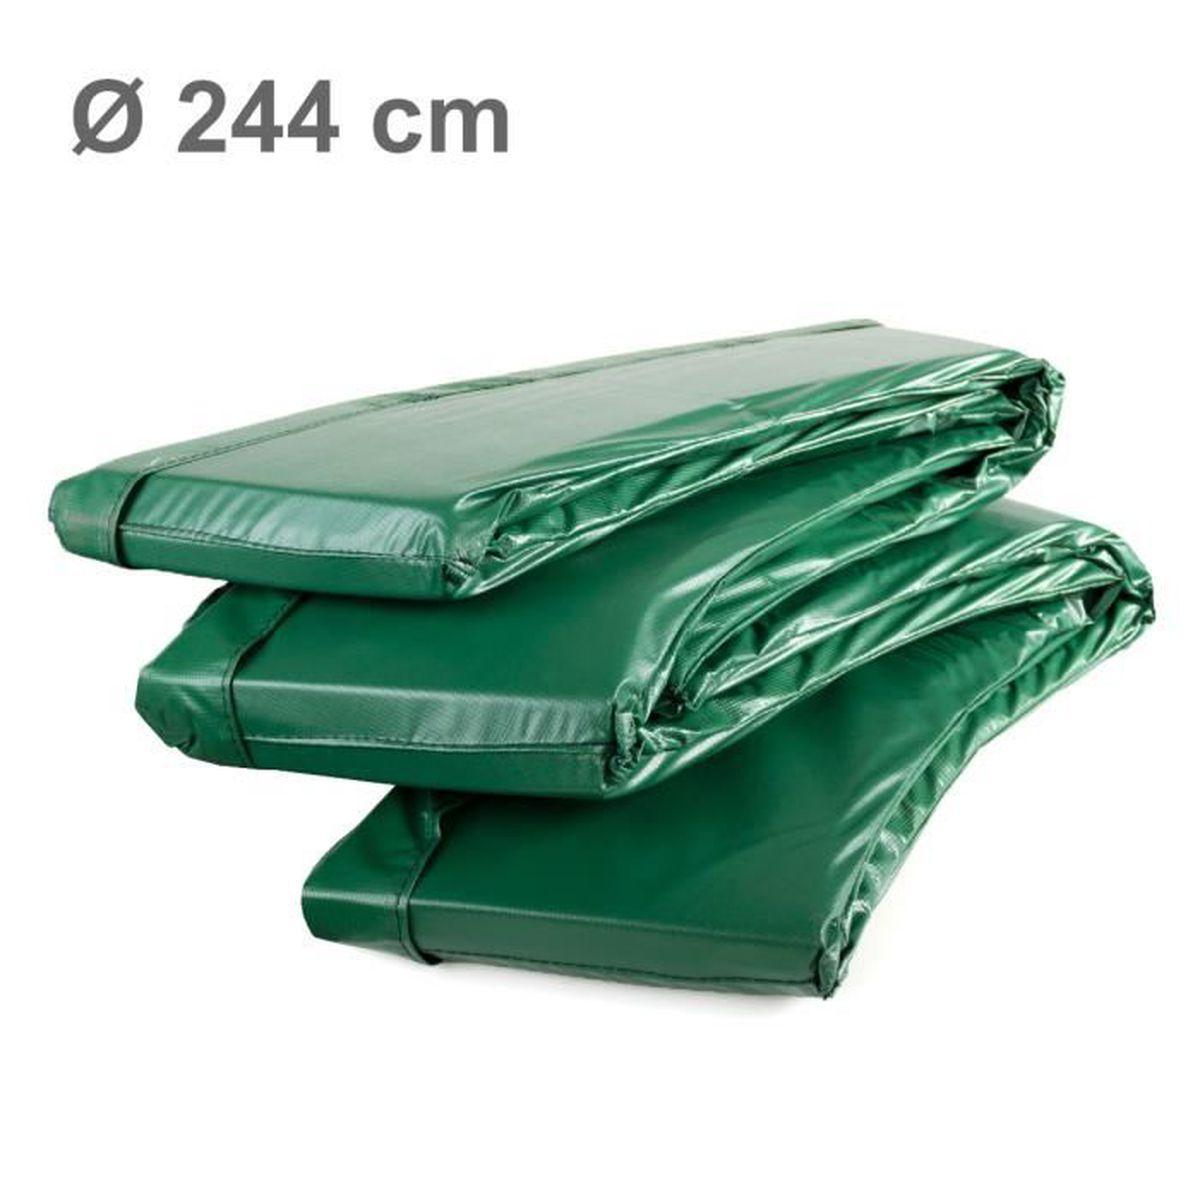 Ampel 24 coussin de protection ressorts deluxe pour trampoline au diam tre d - Coussin de protection trampoline 244 cm ...